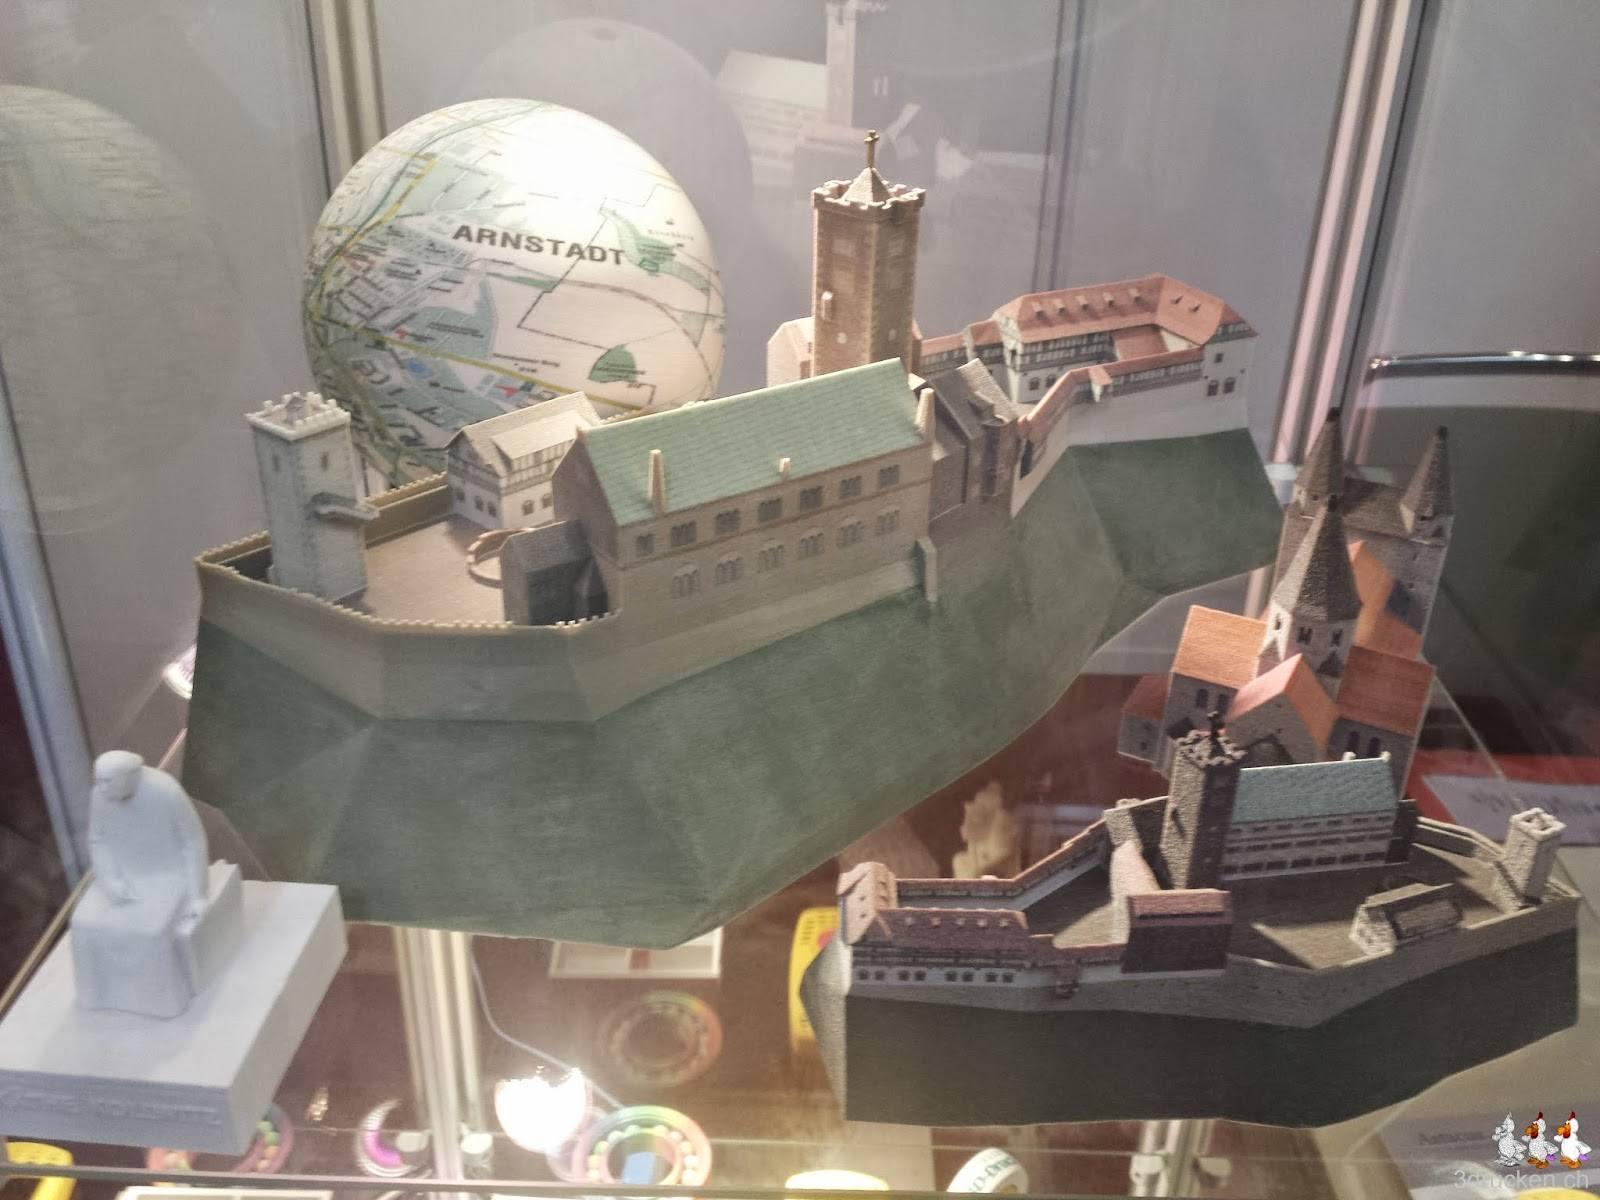 Foto einiger Ausstellungsstücke in Vollfarbe in einer Vitrine am Stand des 3D-Druckshop am 3D - Forum in Lindau